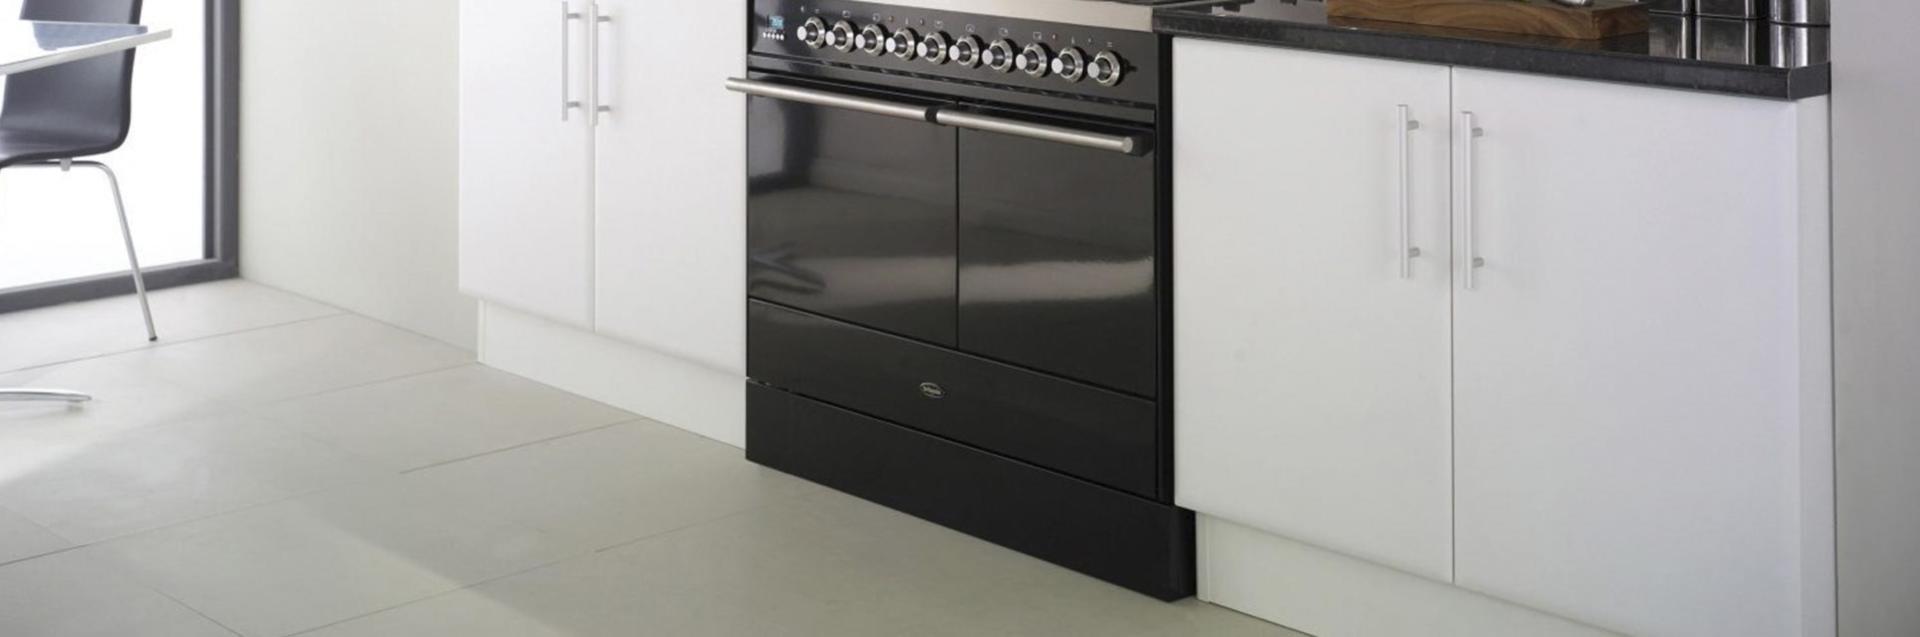 Servicio técnico hornos aspes